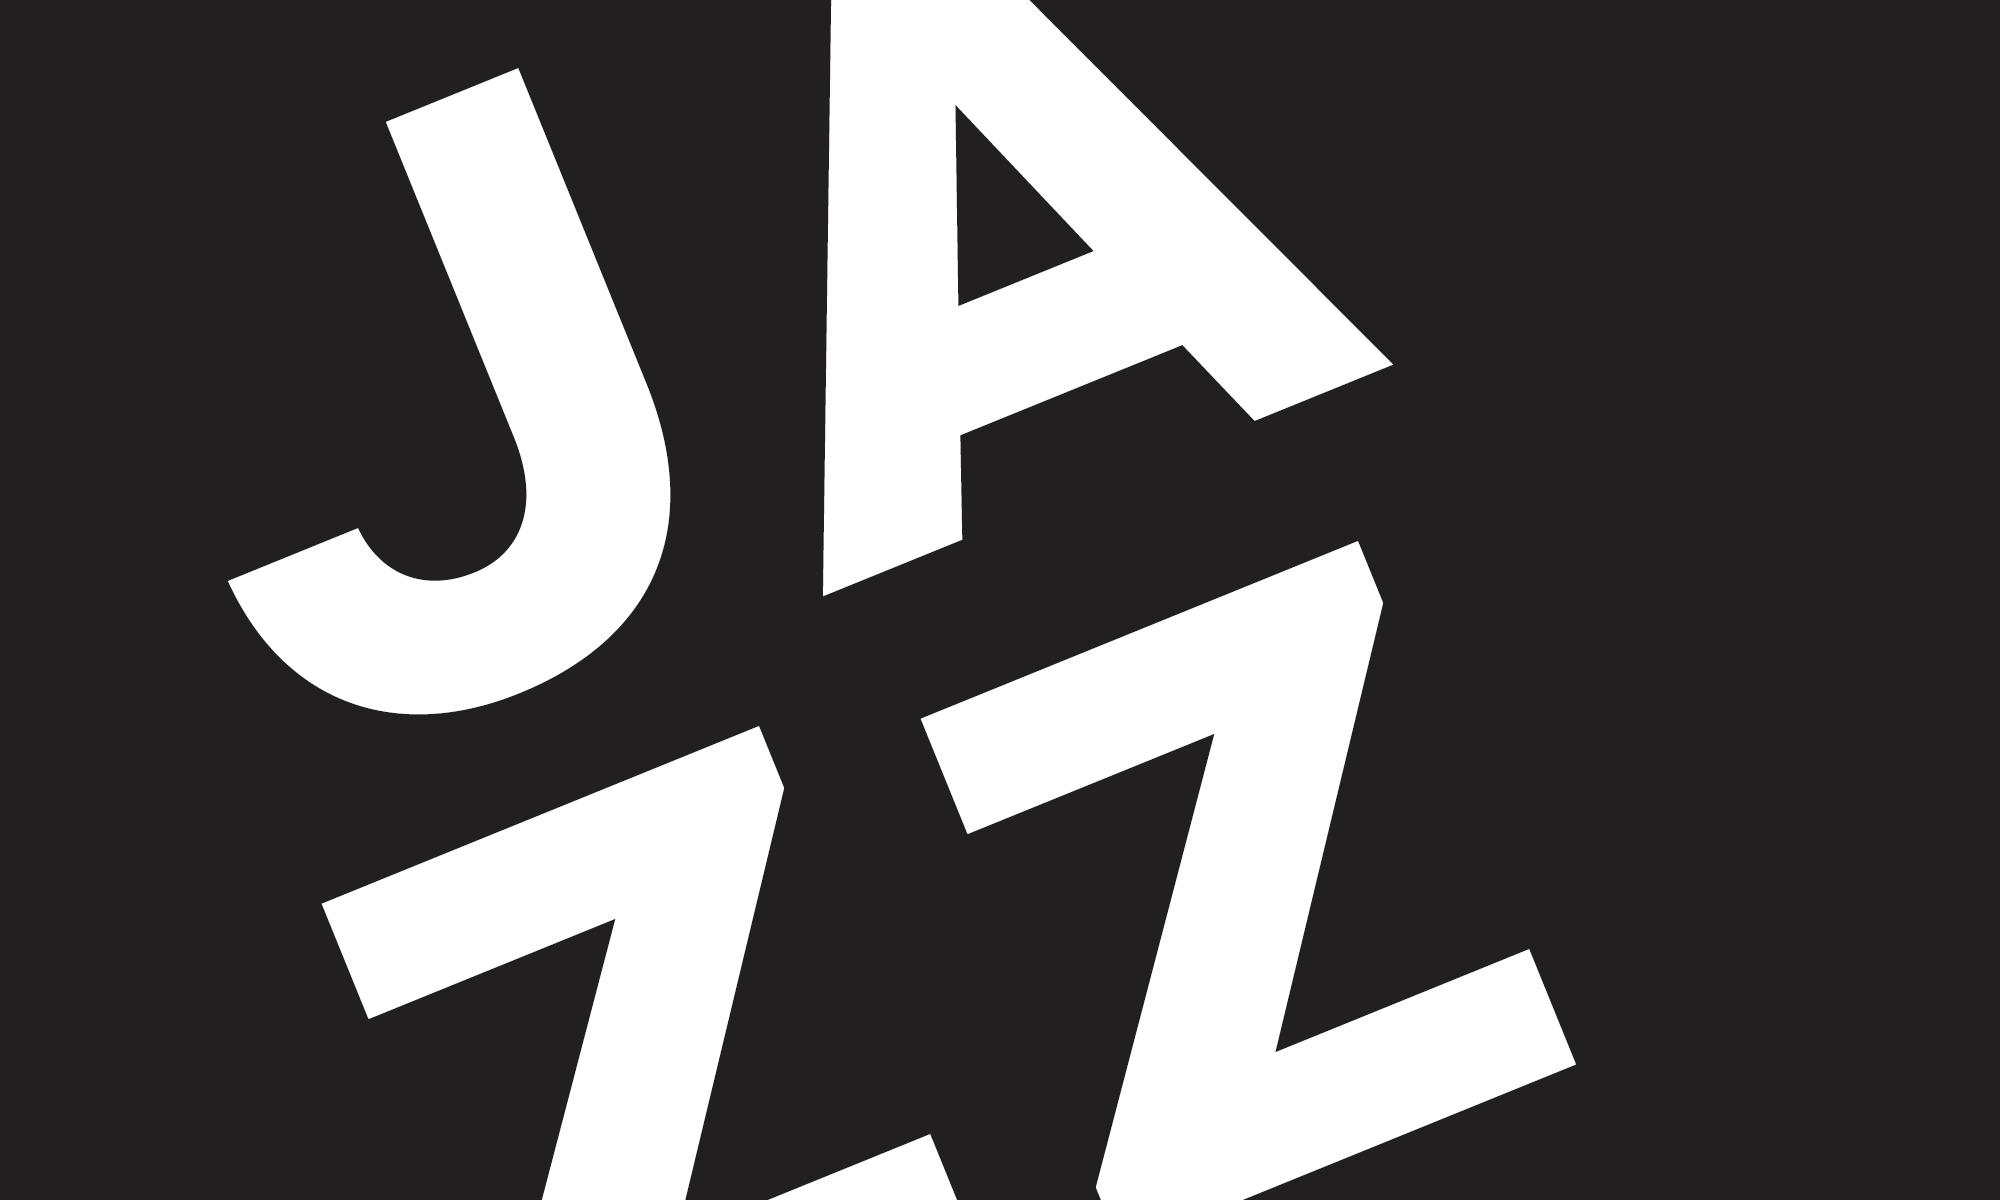 JazzKeys